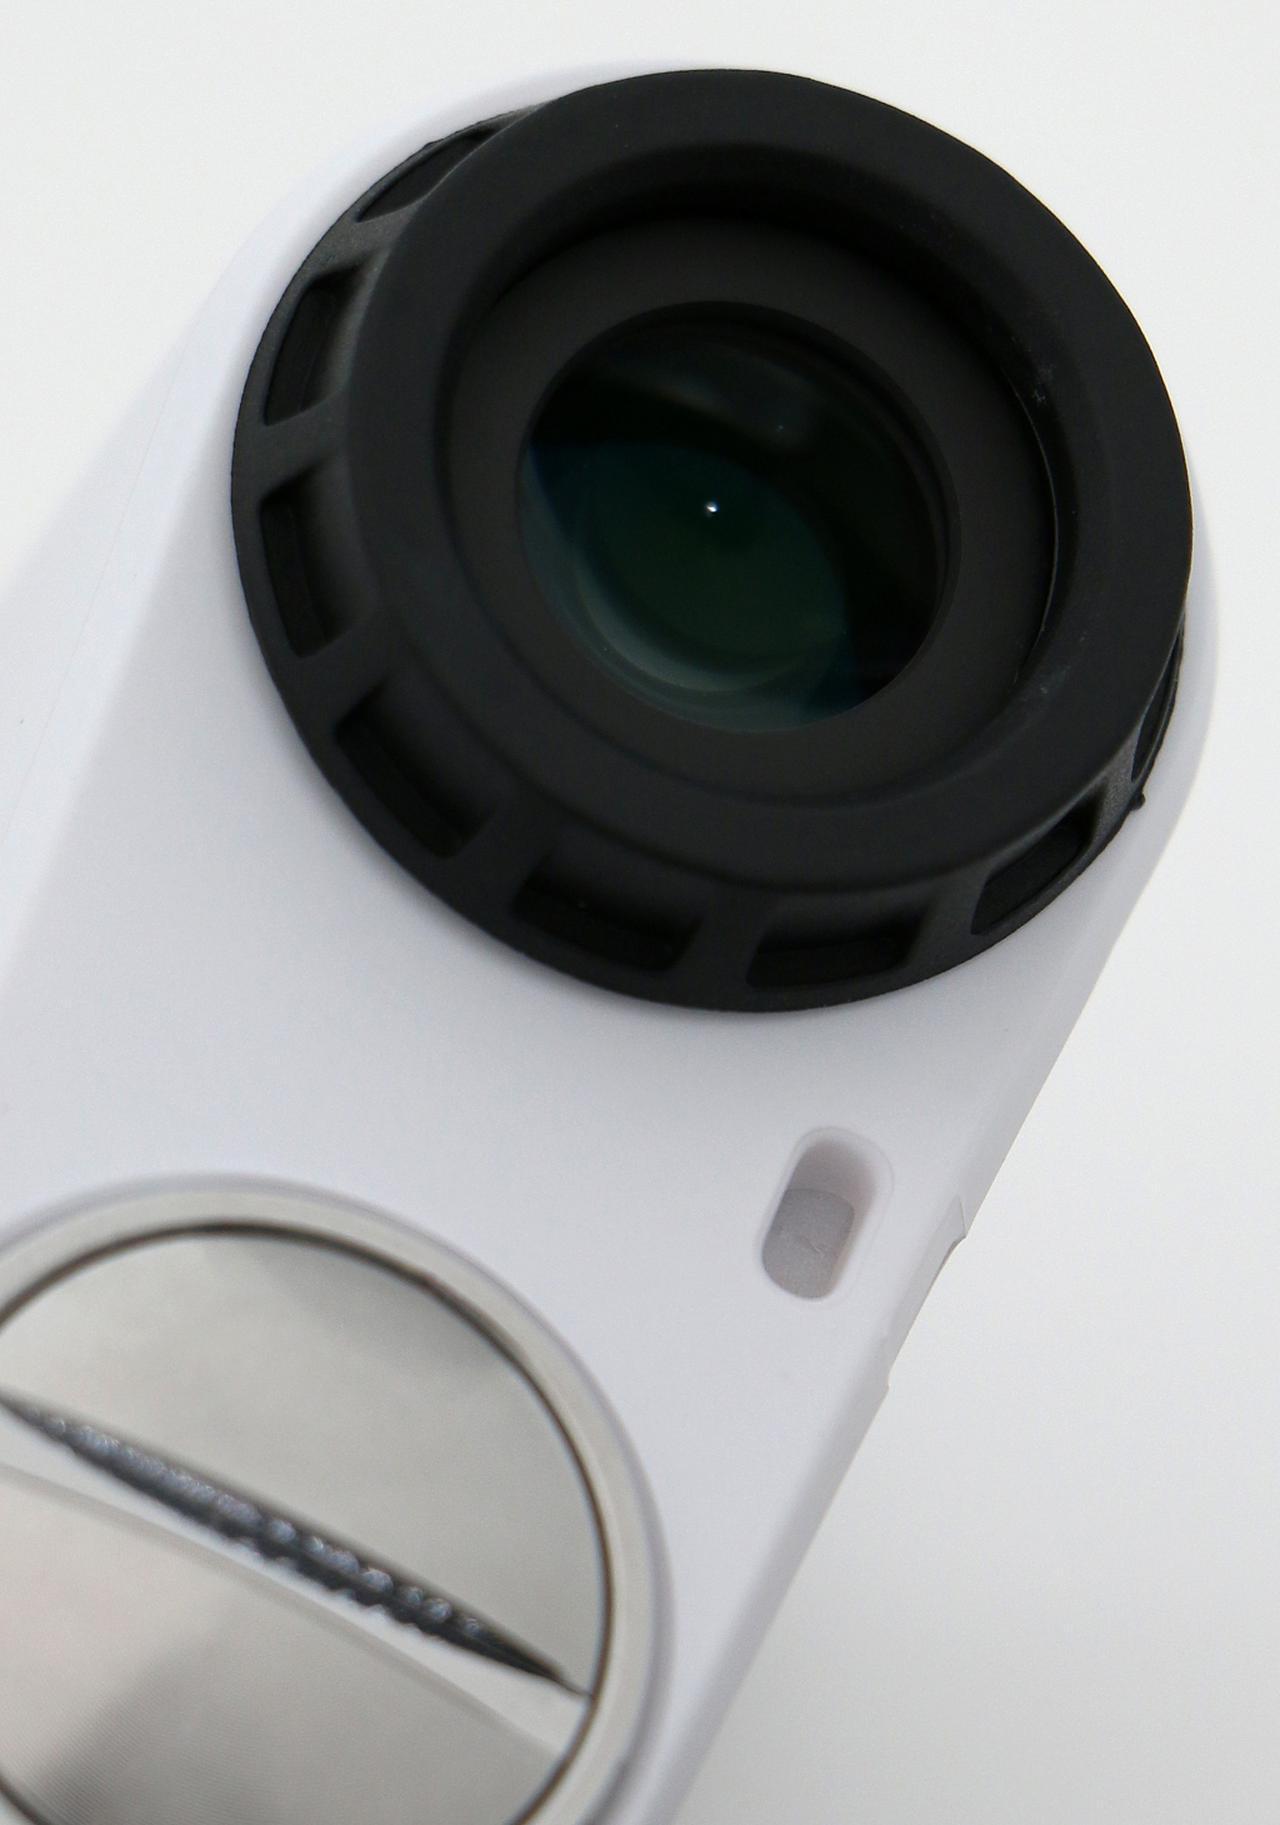 画像: 広い視野を確保できる大きめのレンズを採用